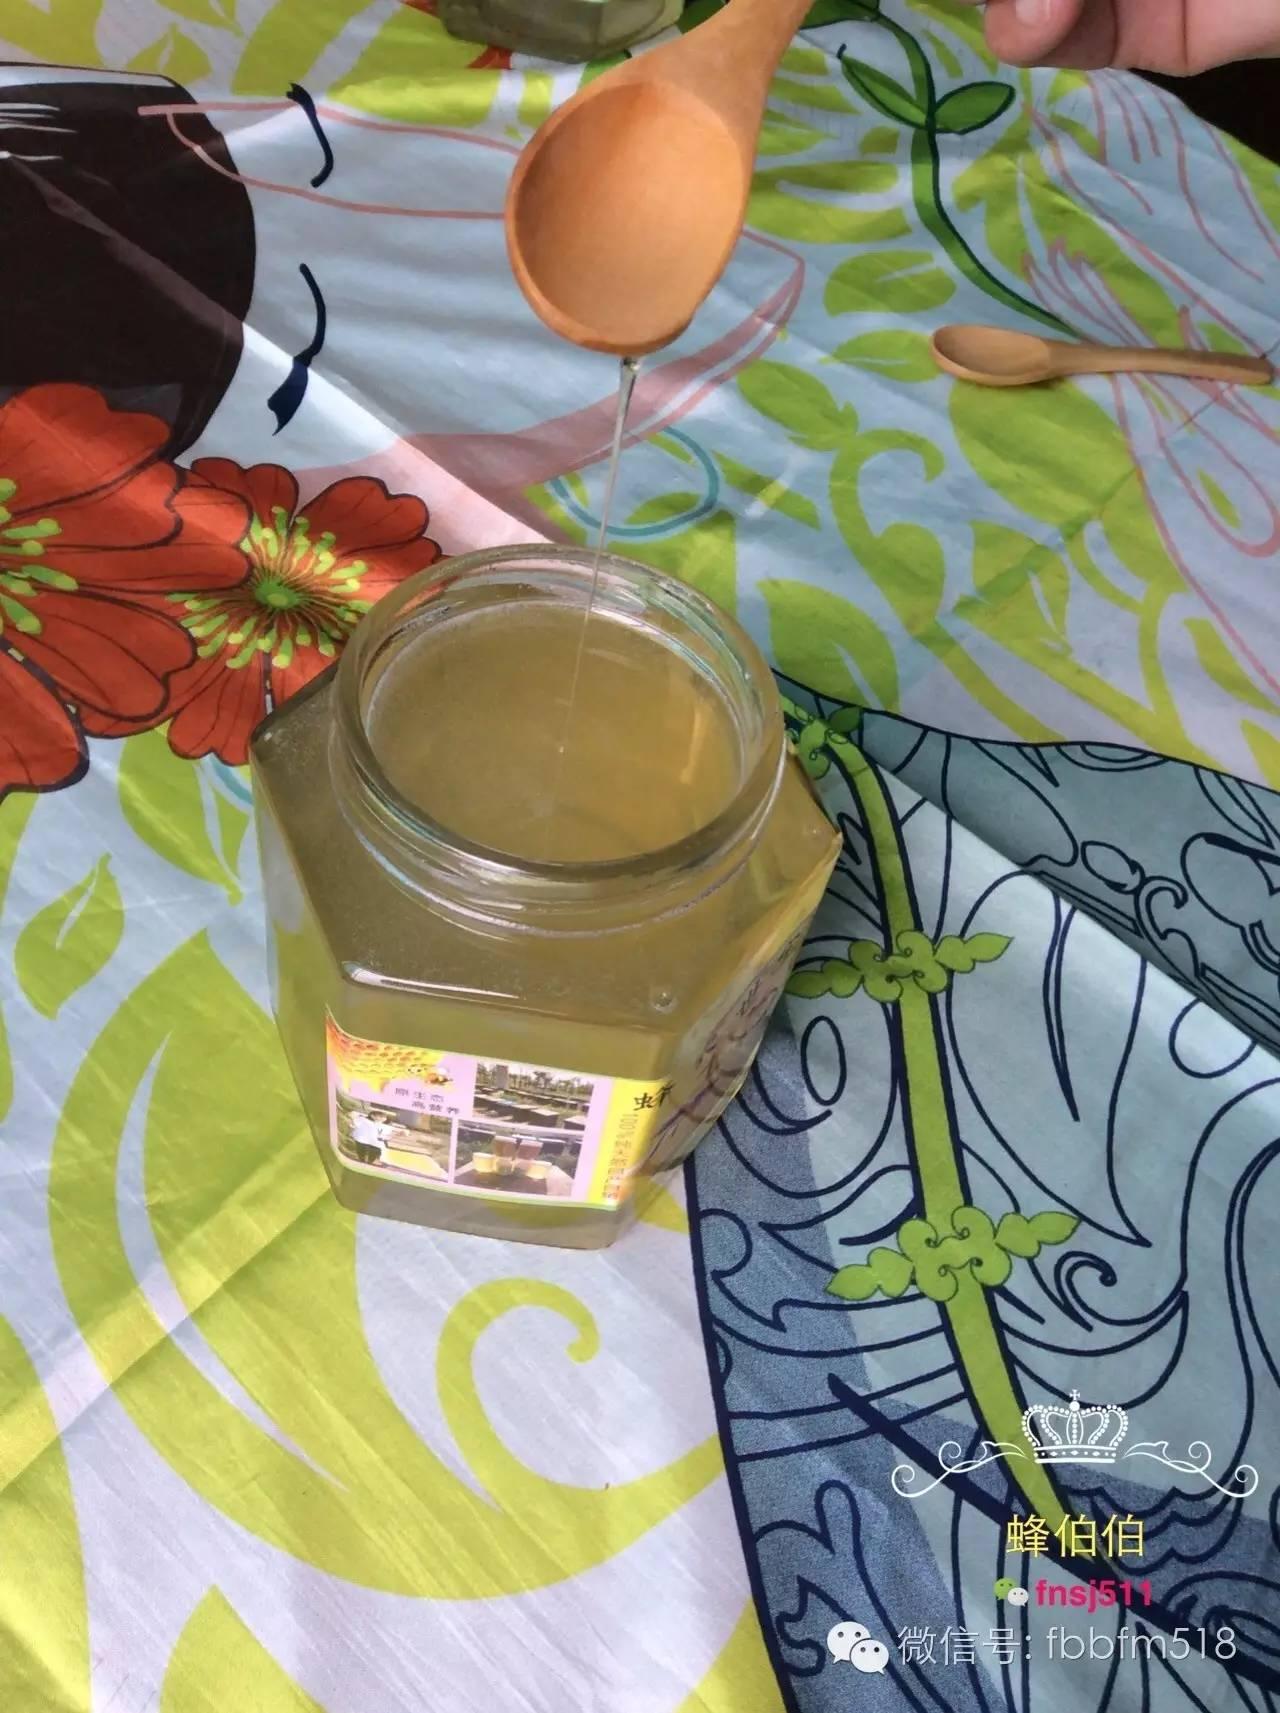 孕后期喝蜂蜜水 蜂蜜与四叶草钢琴 蜂蜜给宝宝擦脸 纯净蜂蜜 蜂蜜水柚子水功效